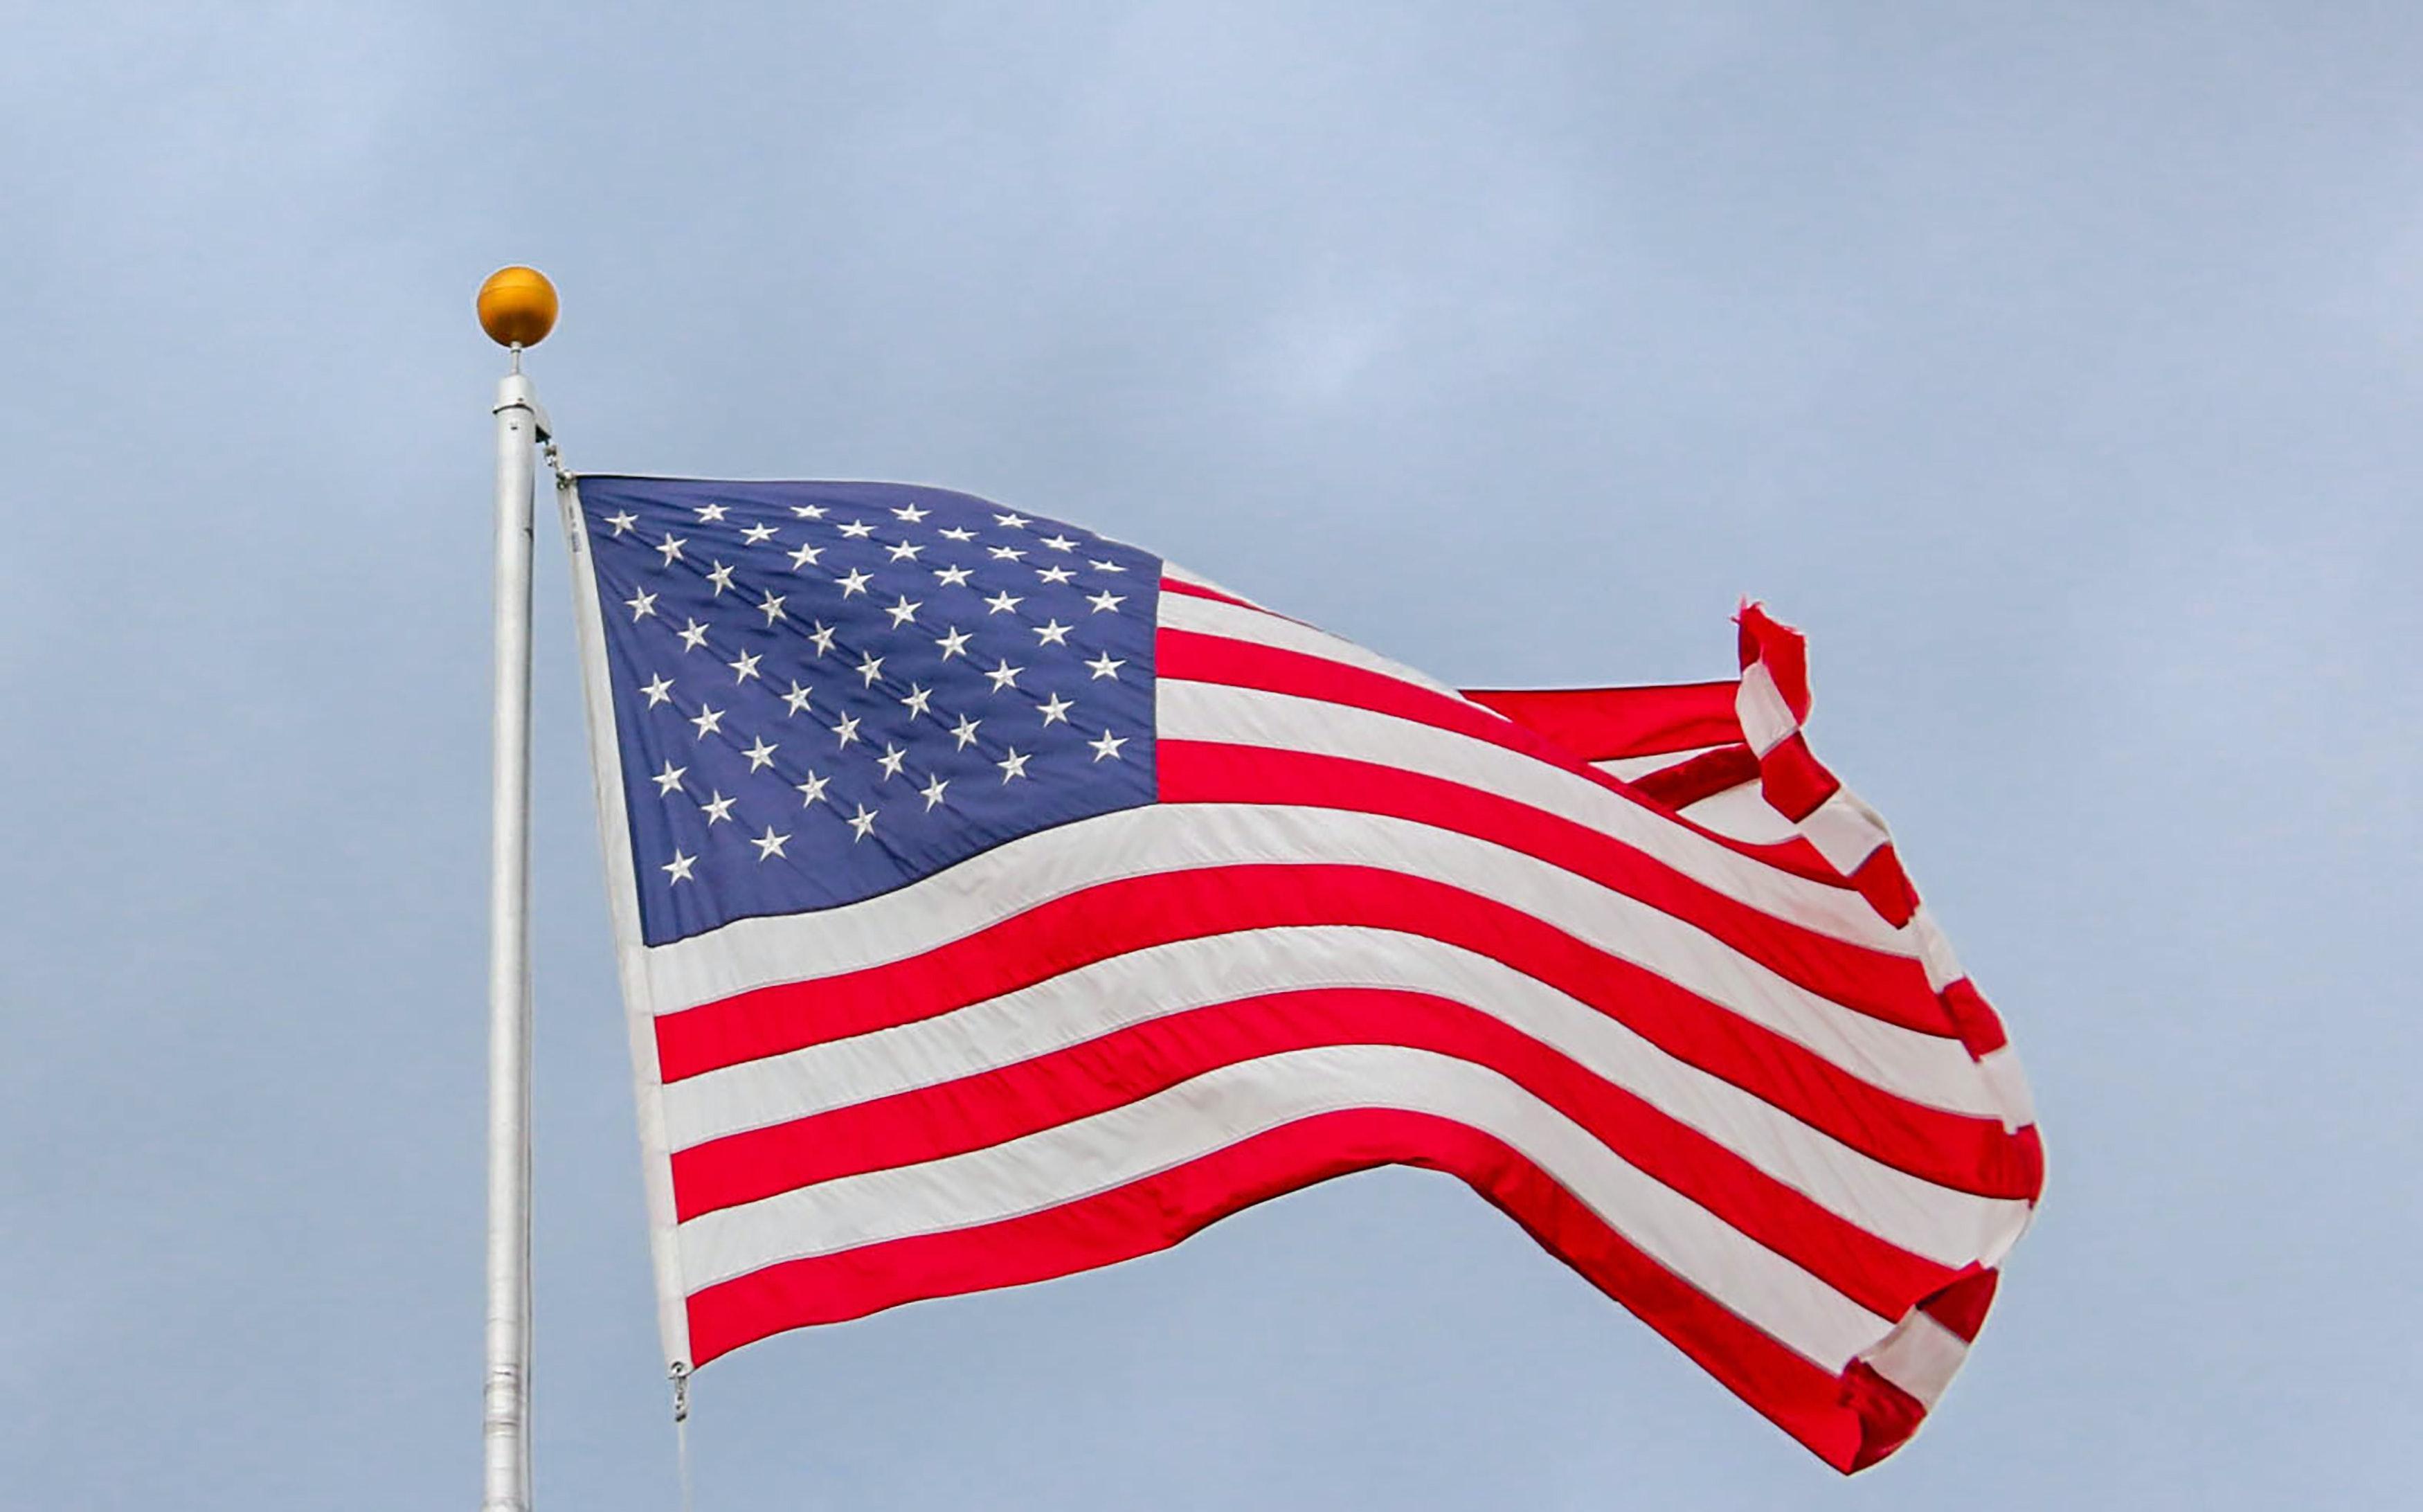 usa flag waving on white metal pole free stock photo